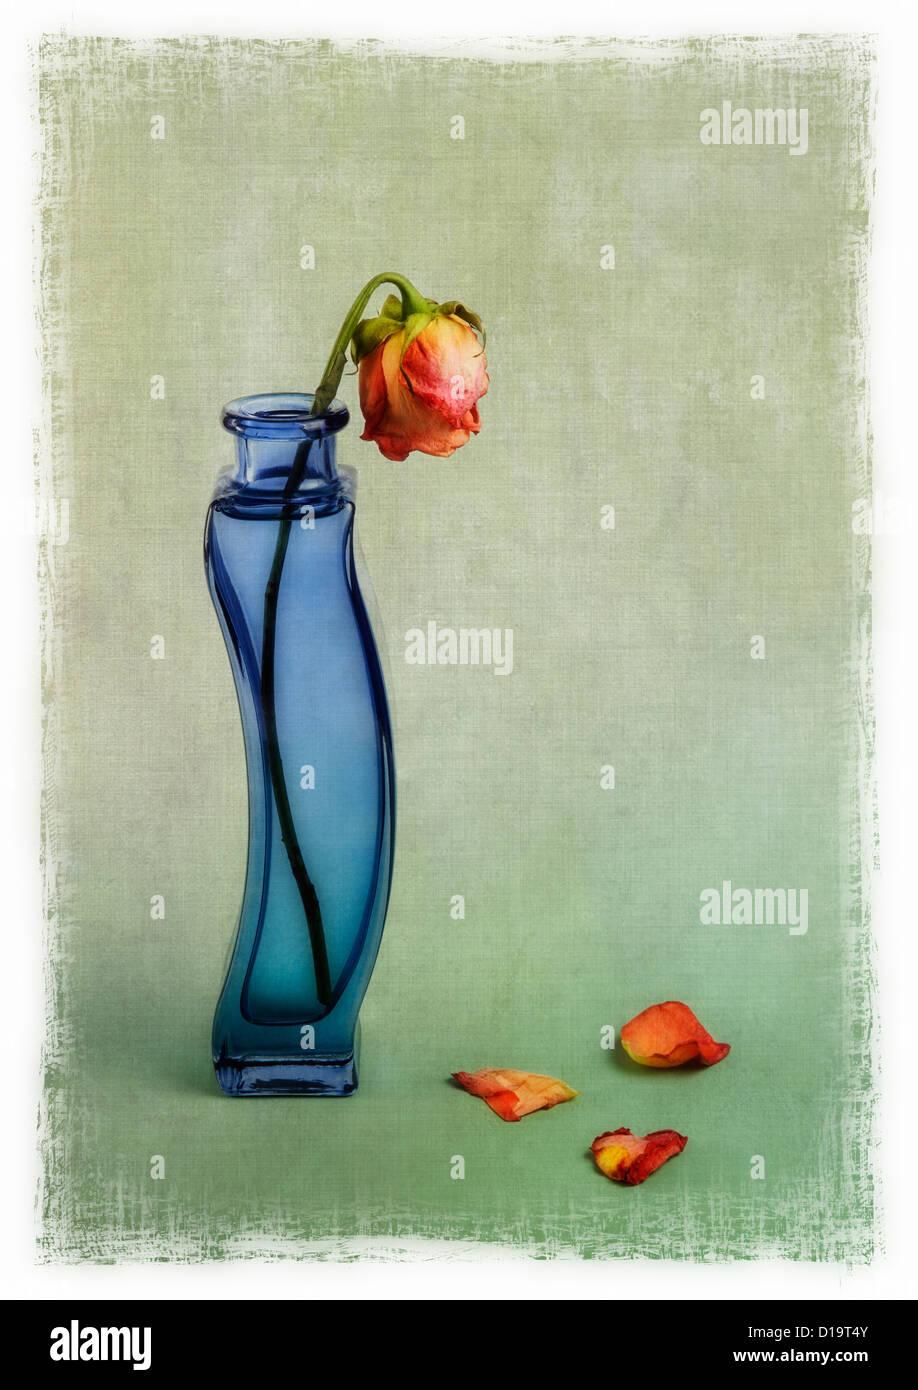 Rosa roja en jarrón azul con superposición de textura Imagen De Stock